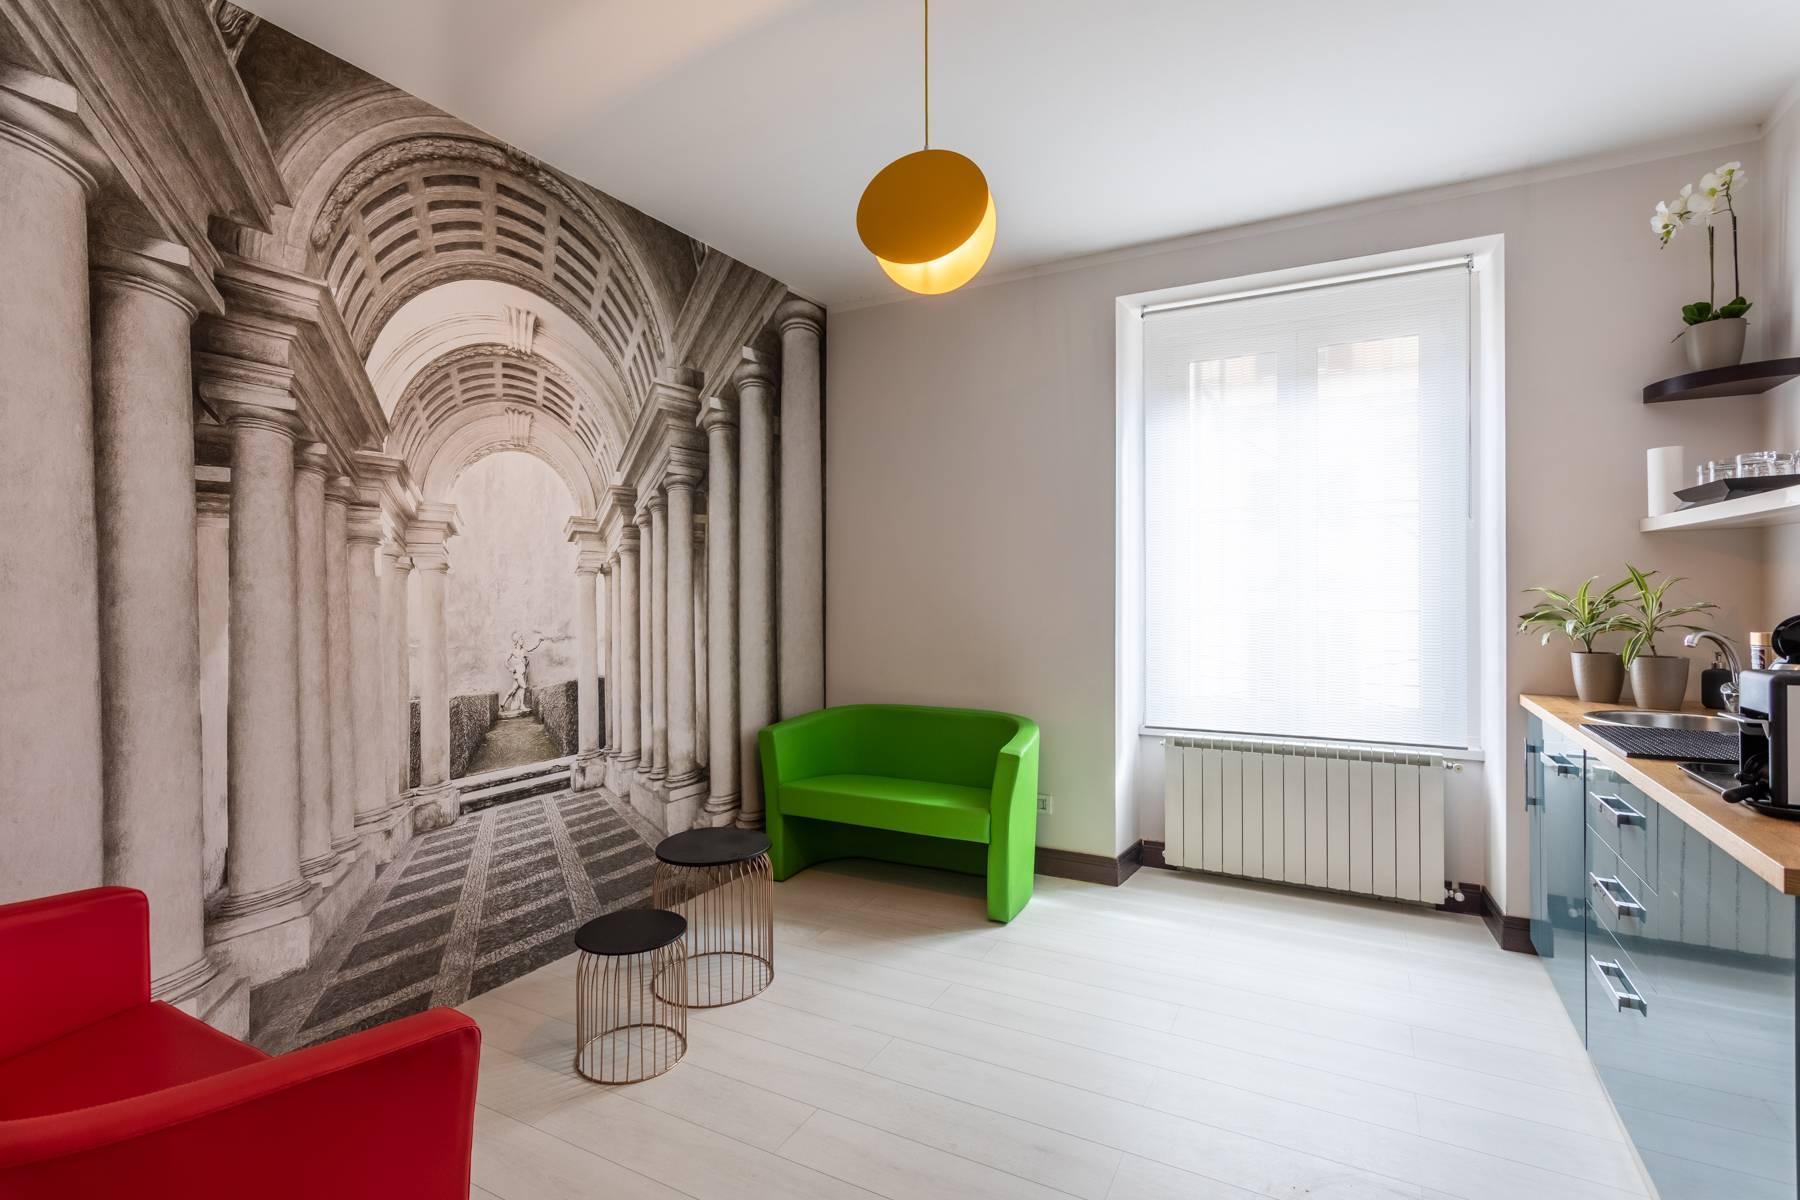 Appartamento dal design moderno a pochi passi da piazza del Popolo - 2